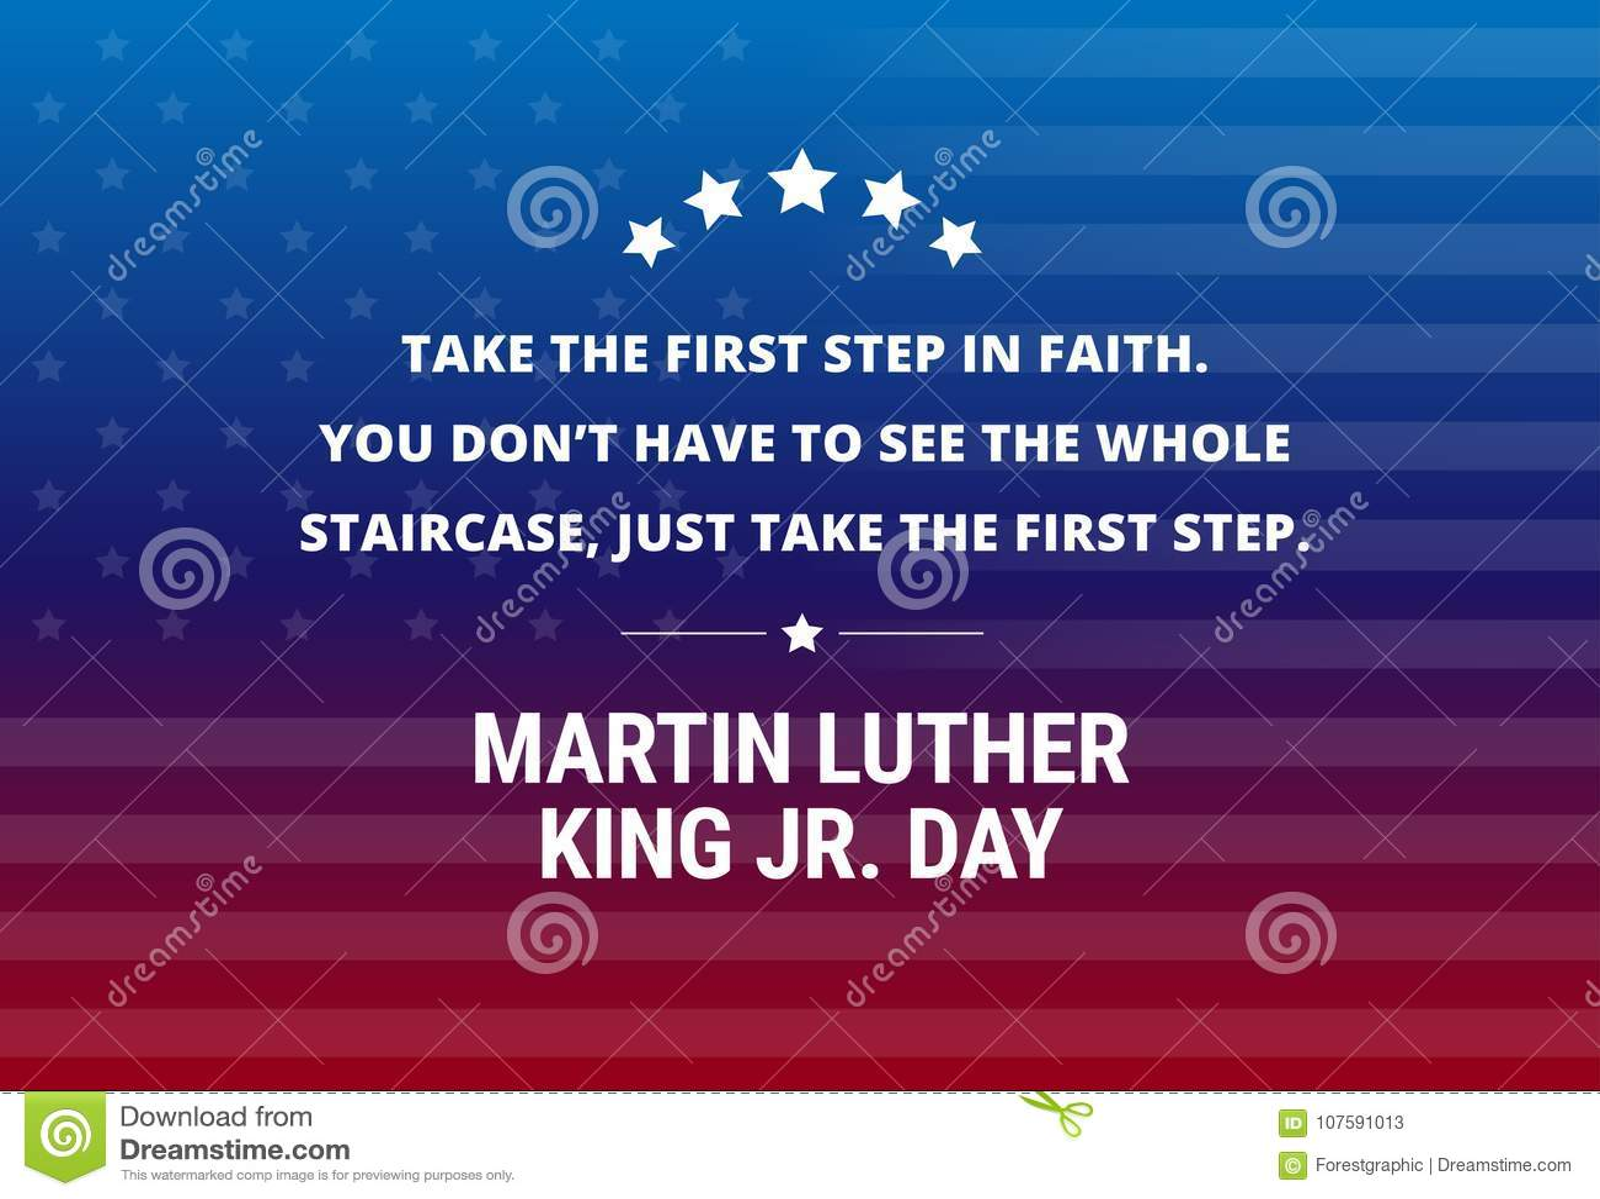 Fond de vecteur de vacances de Martin Luther King Jr Day - citation inspirée